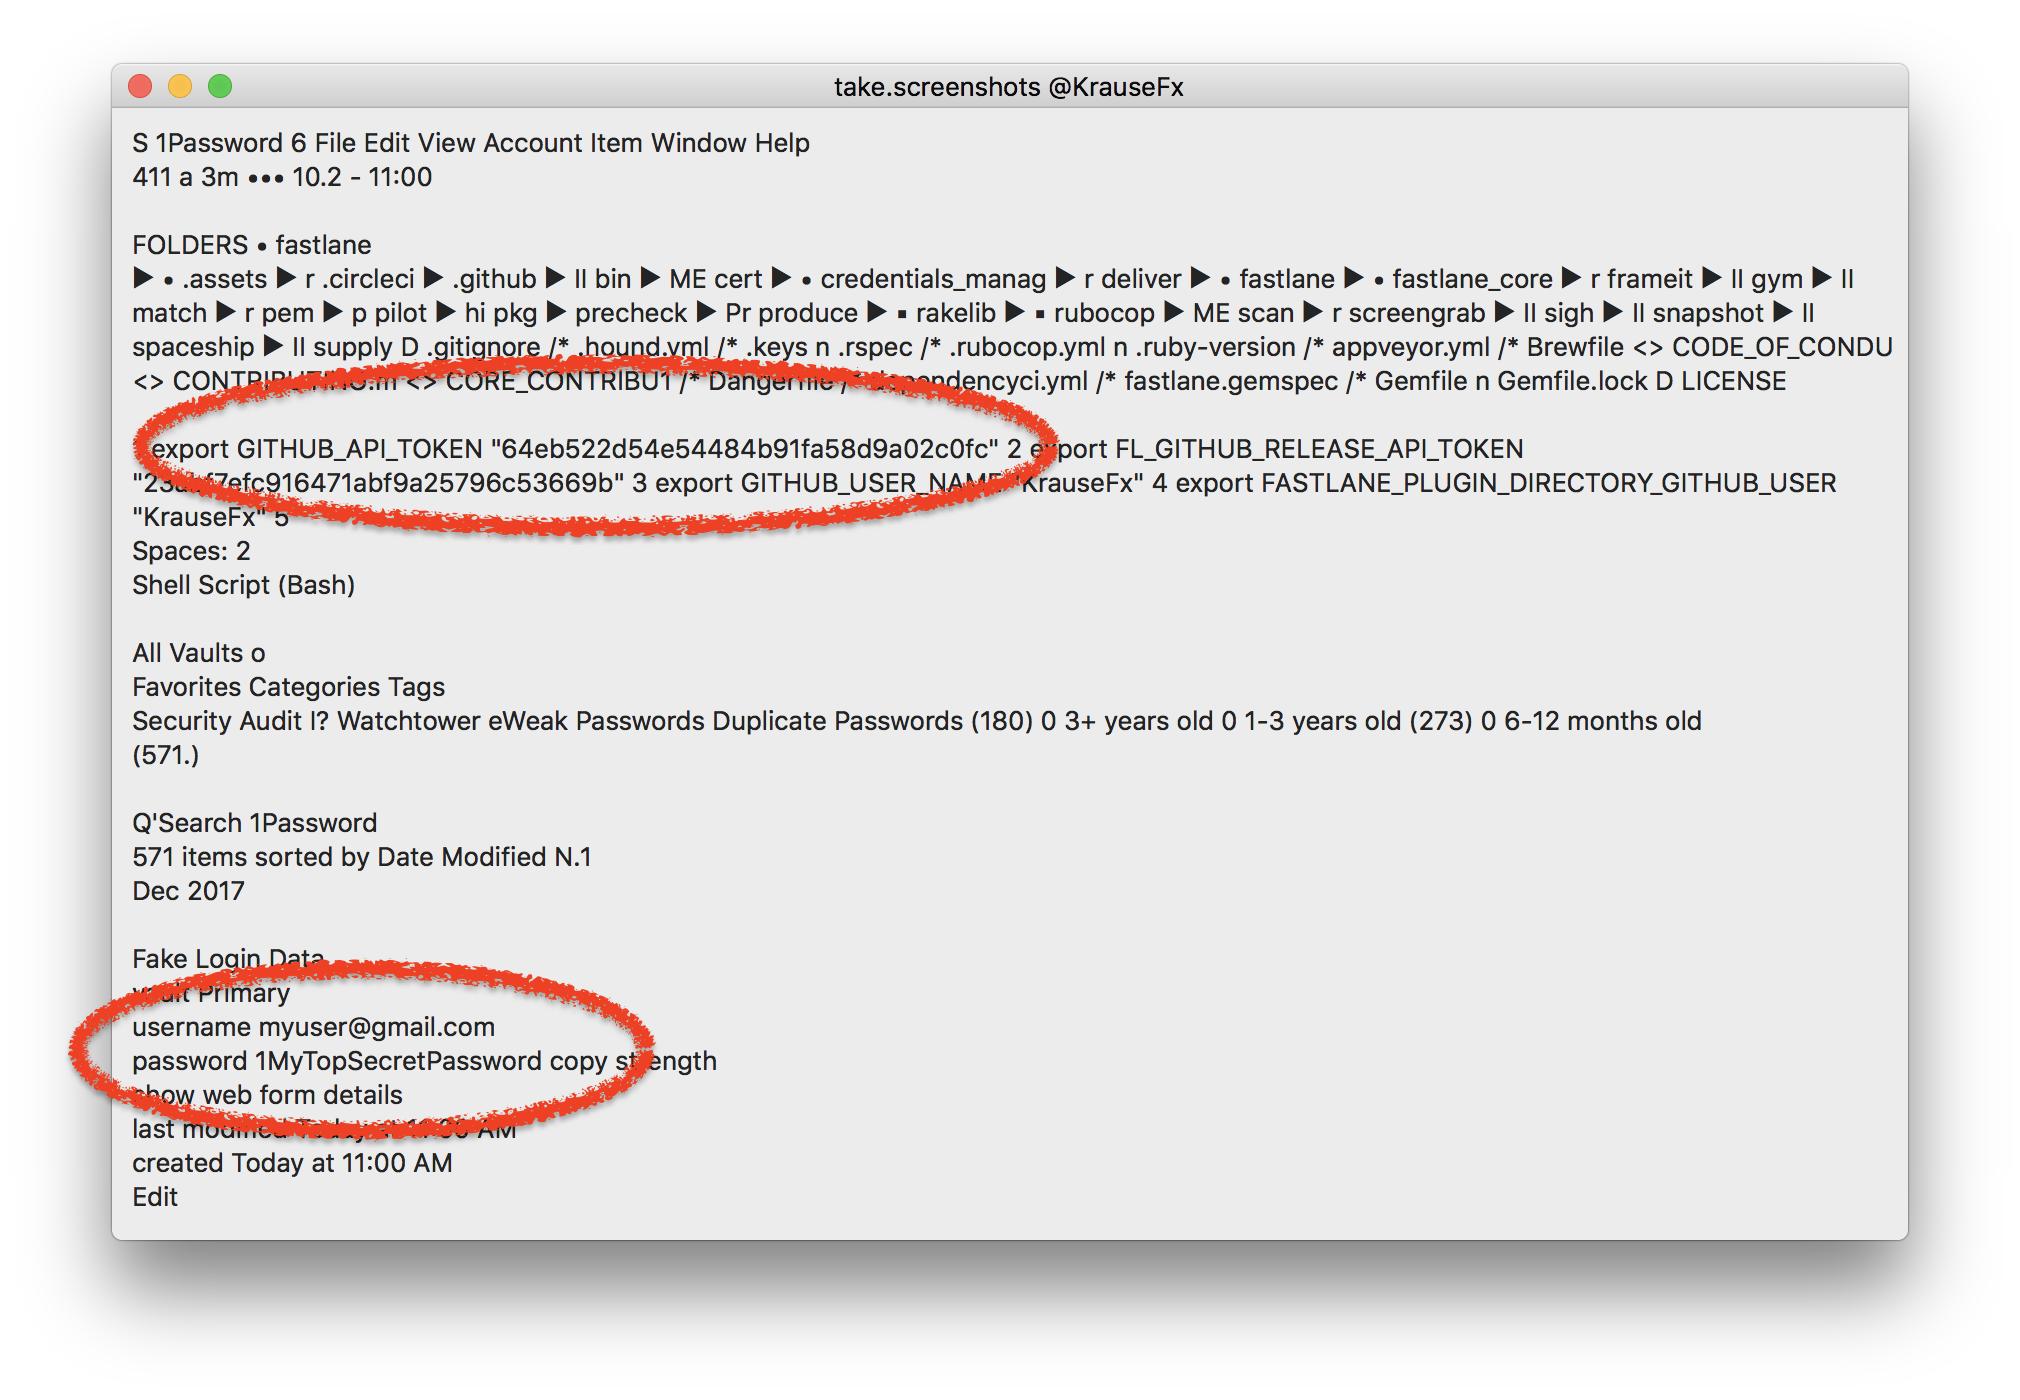 Все приложения на Mac позволяют следить за пользователями с помощью скриншотов